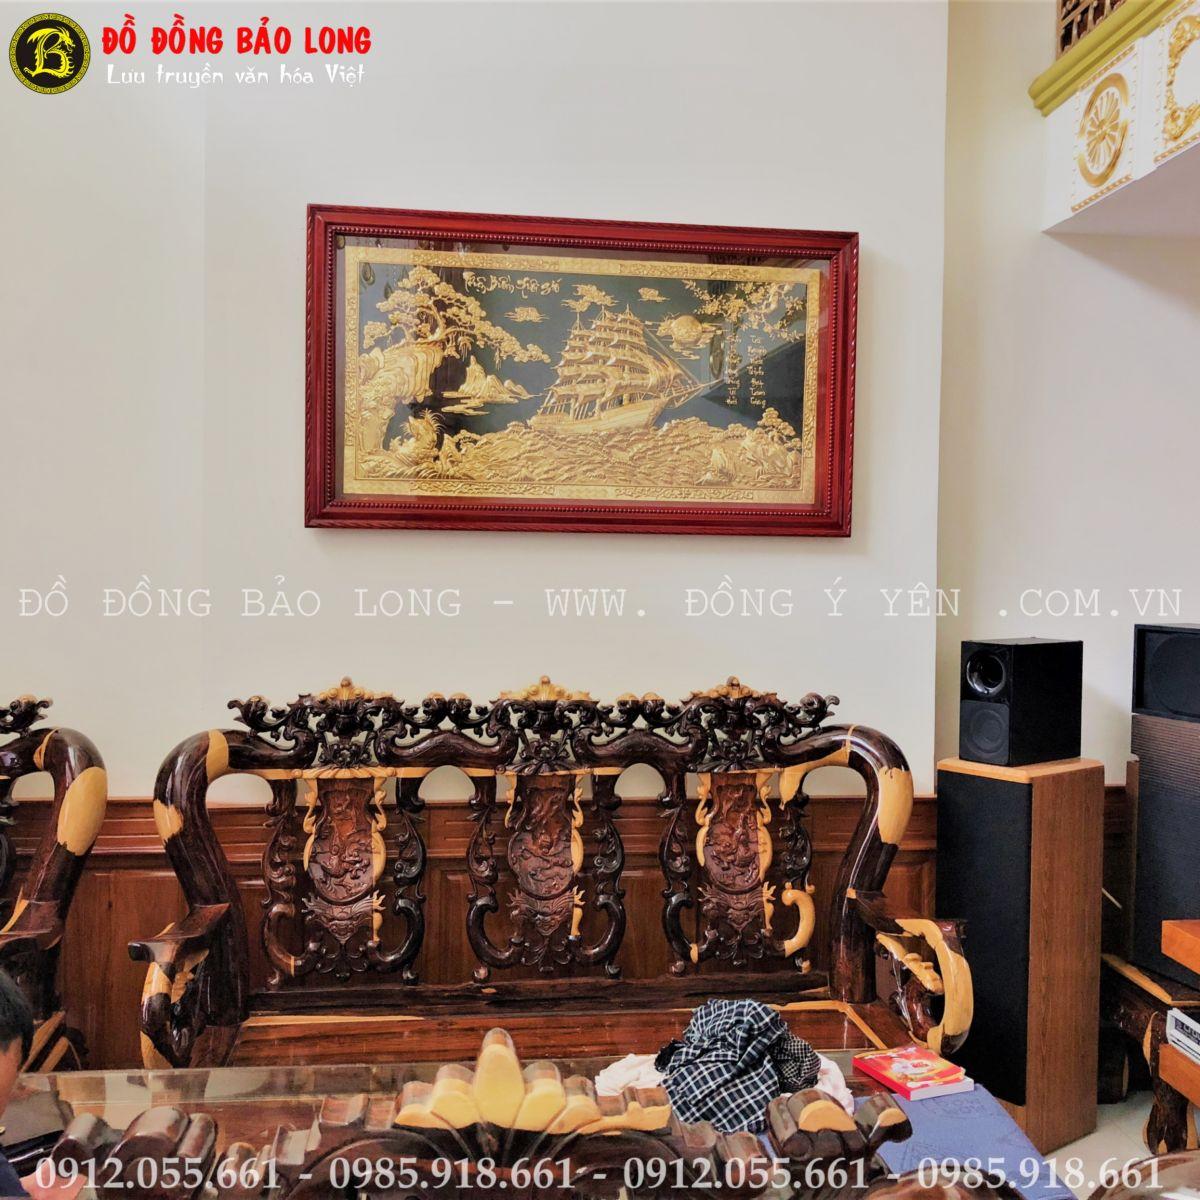 Tranh Thuận Buồm Xuôi Gió Bằng Đồng 1m55x88cm Mạ Vàng 24k